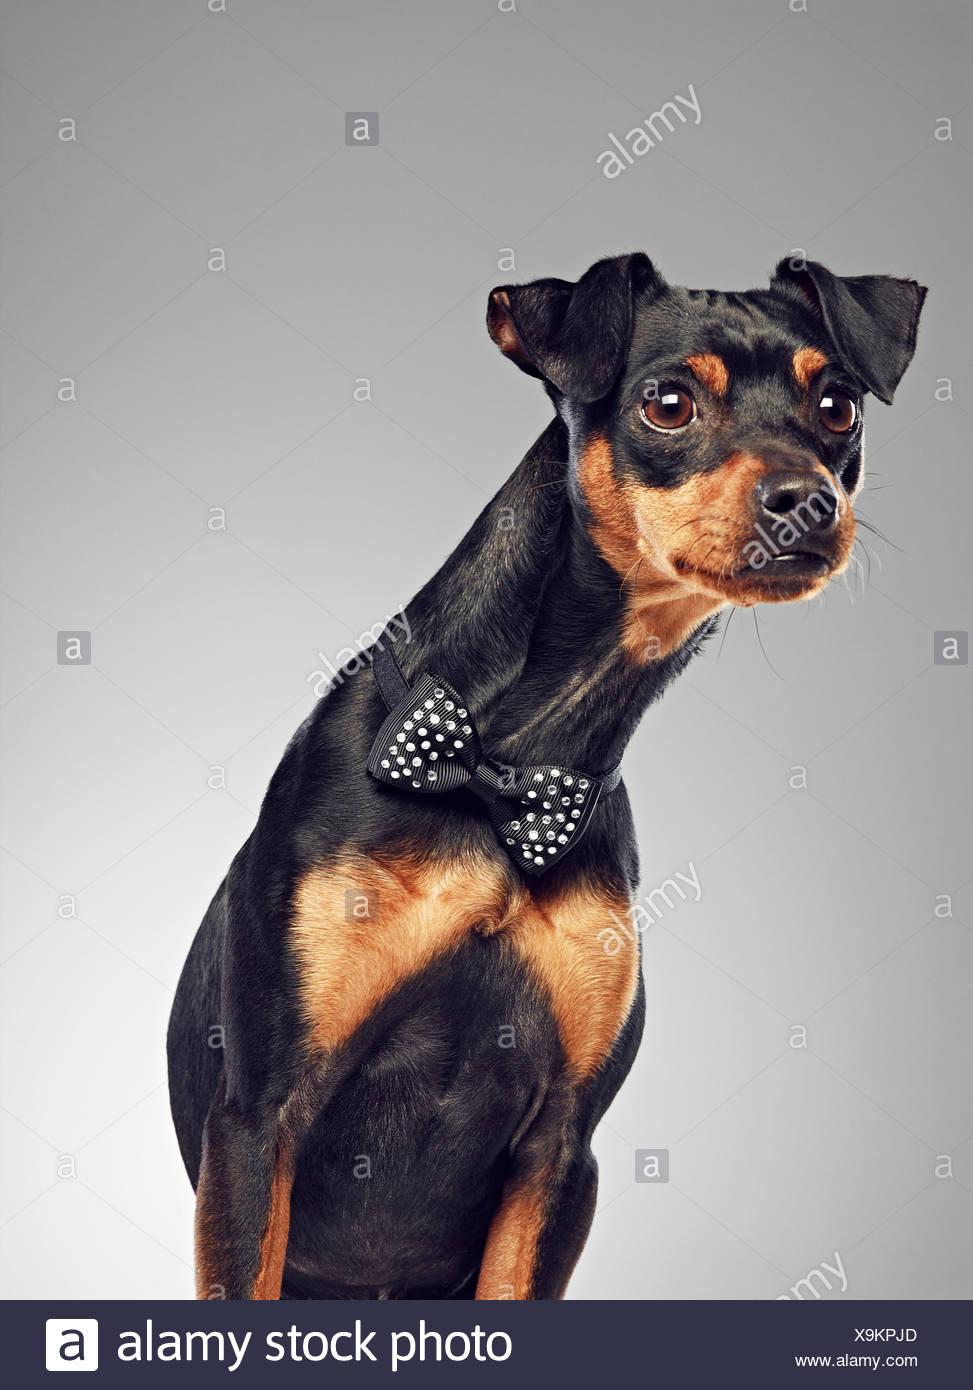 Hund mit Fliege Stockbild